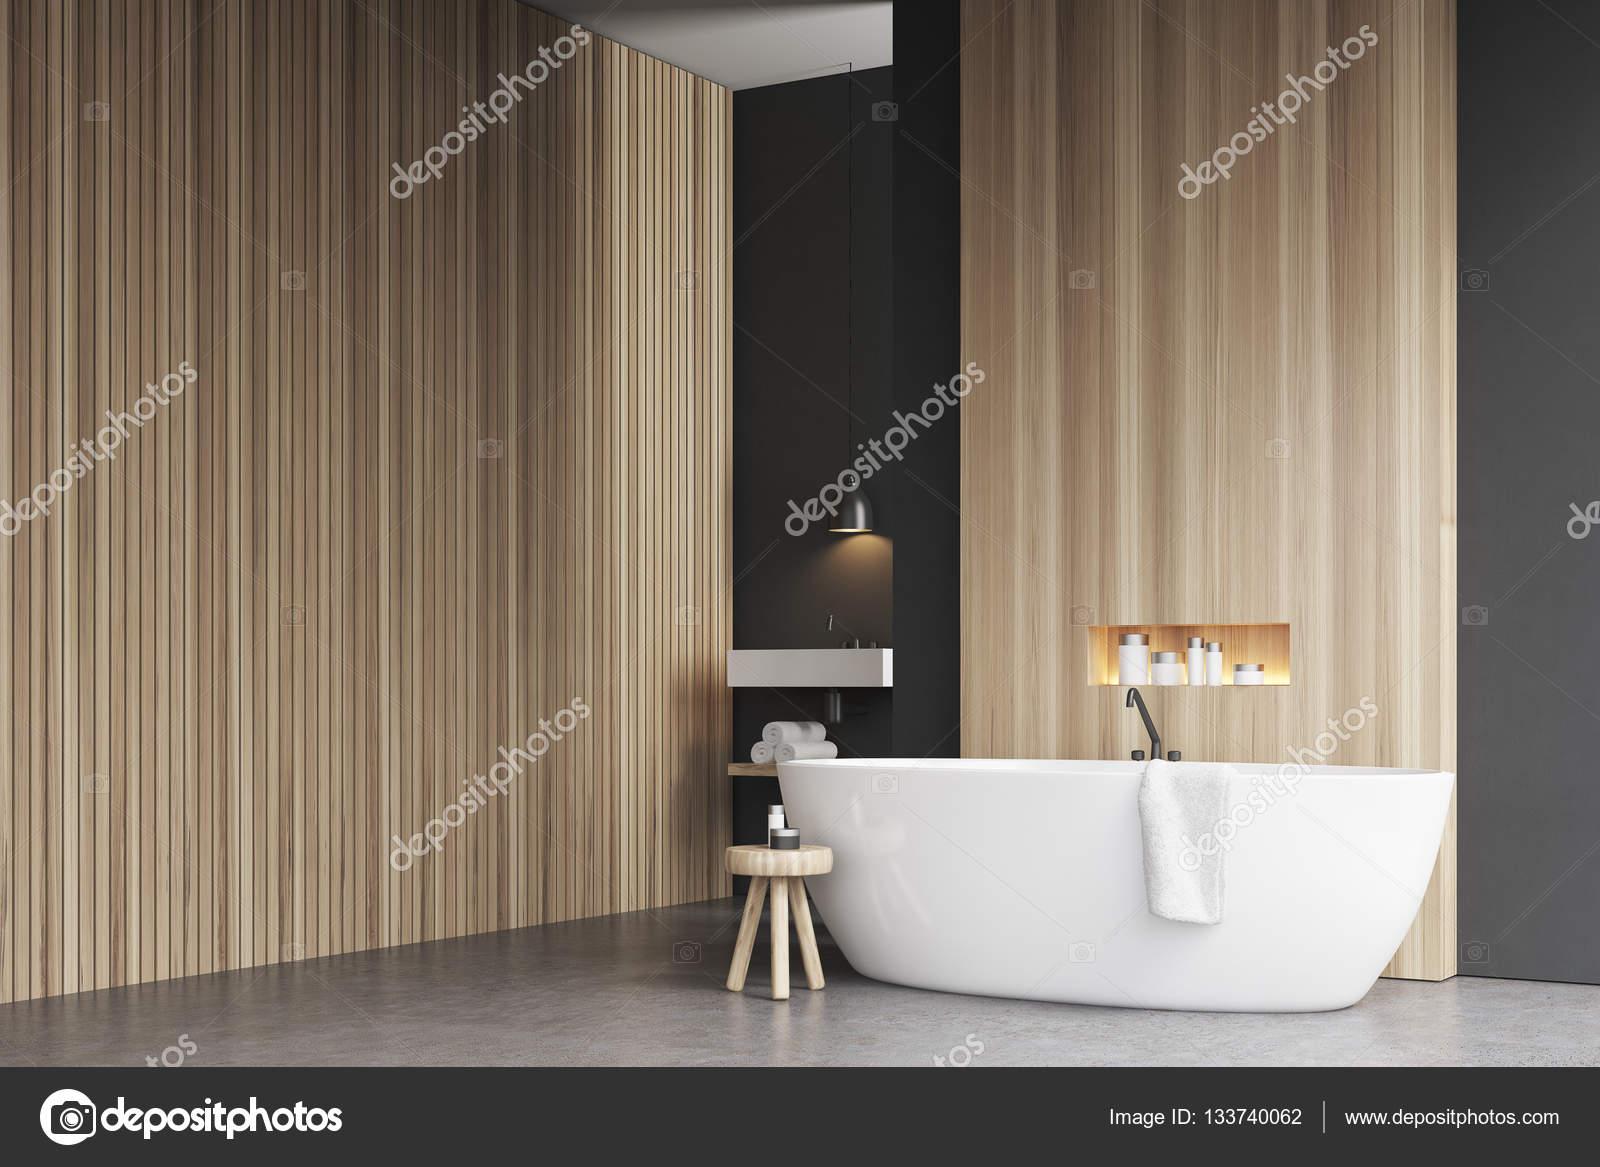 Ecke Badezimmer Mit Badewanne Und Holzwand U2014 Stockfoto